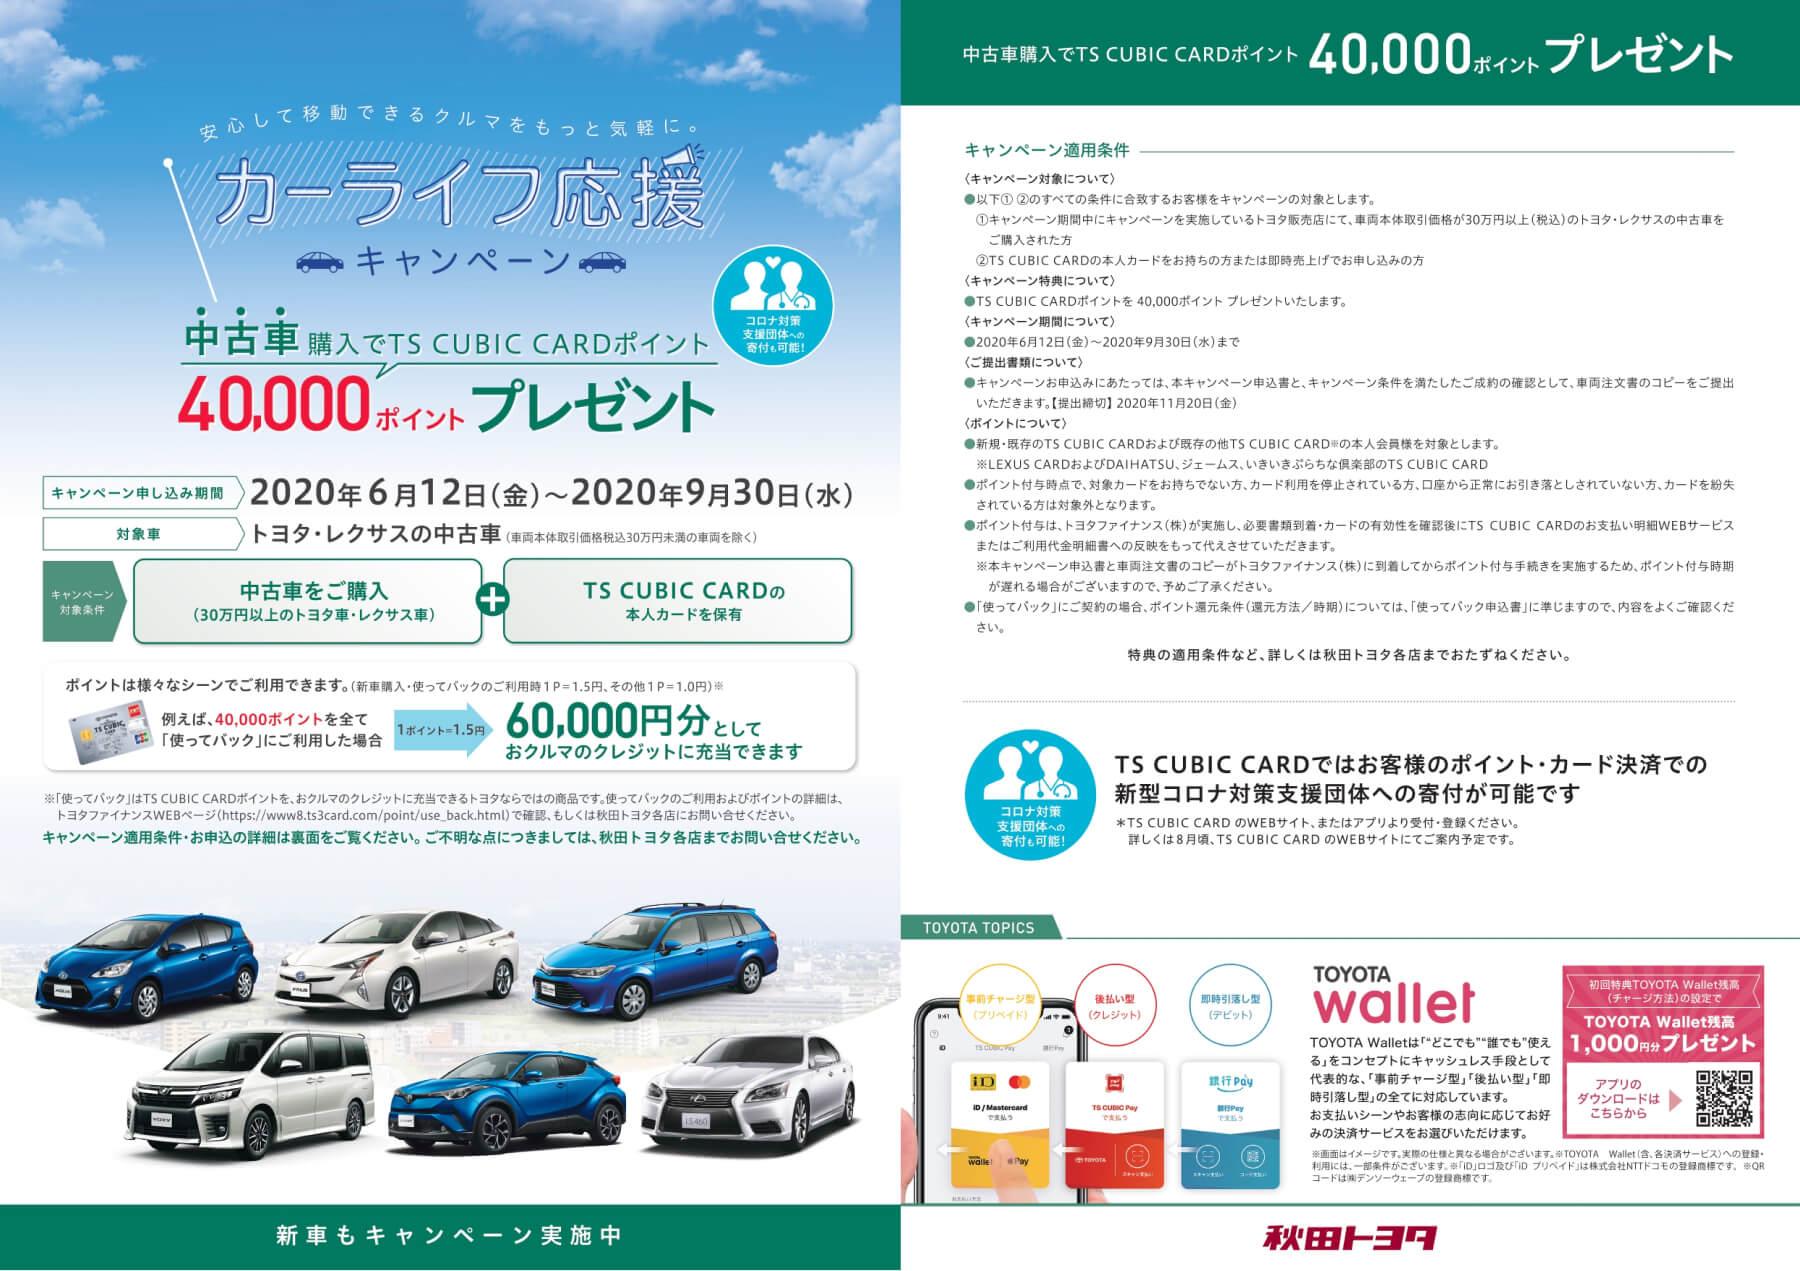 秋田トヨタ-カーライフ応援-中古車